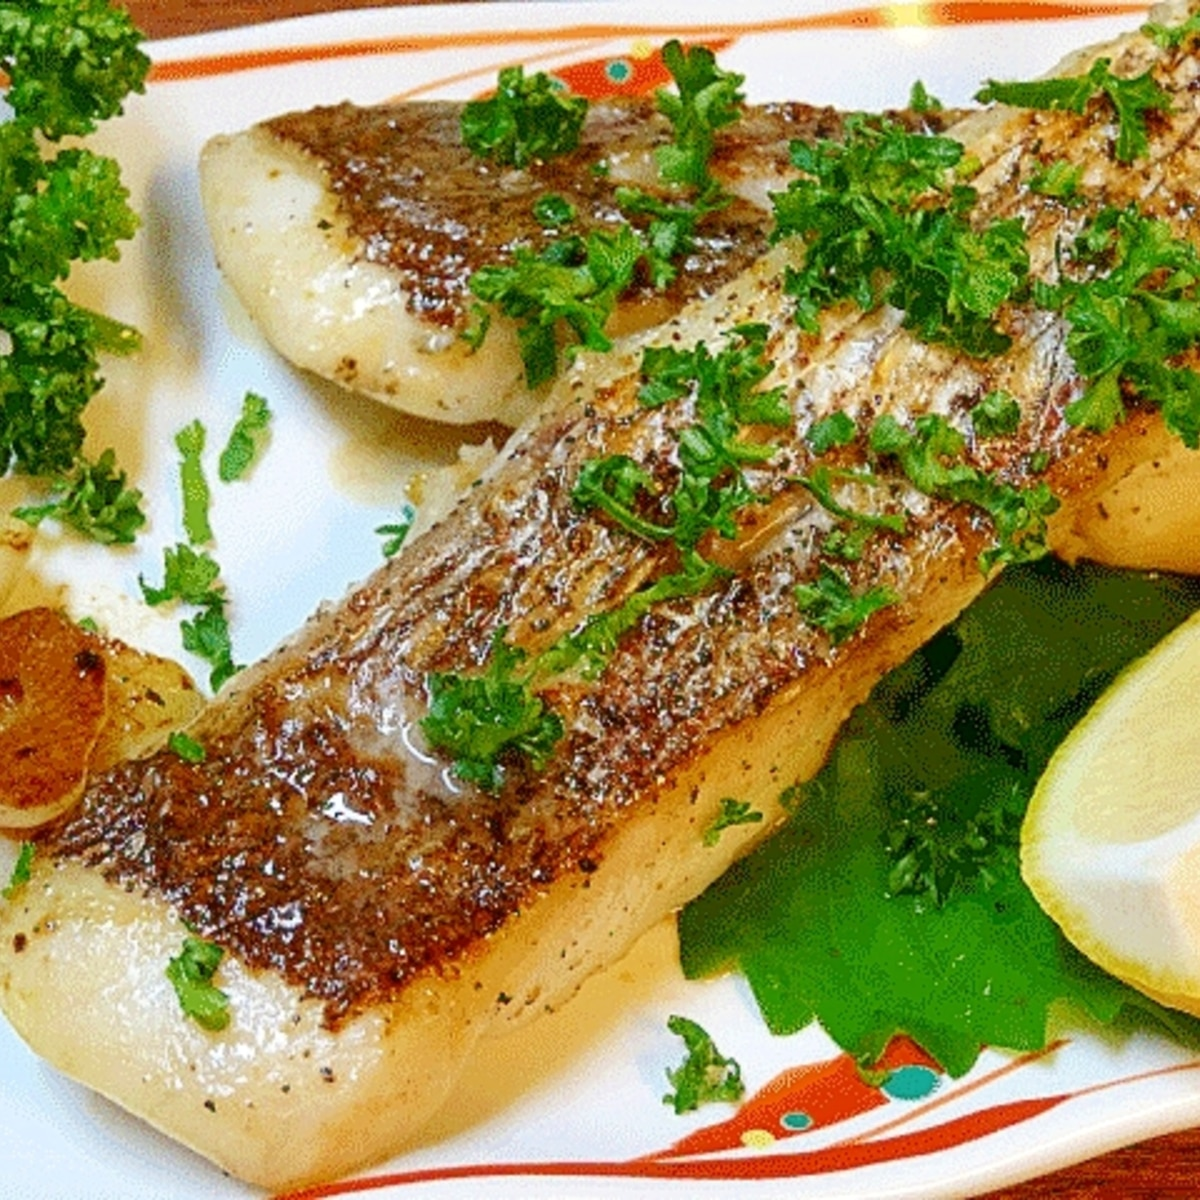 鯛 切り身 レシピ 【みんなが作ってる】 鯛 切り身のレシピ